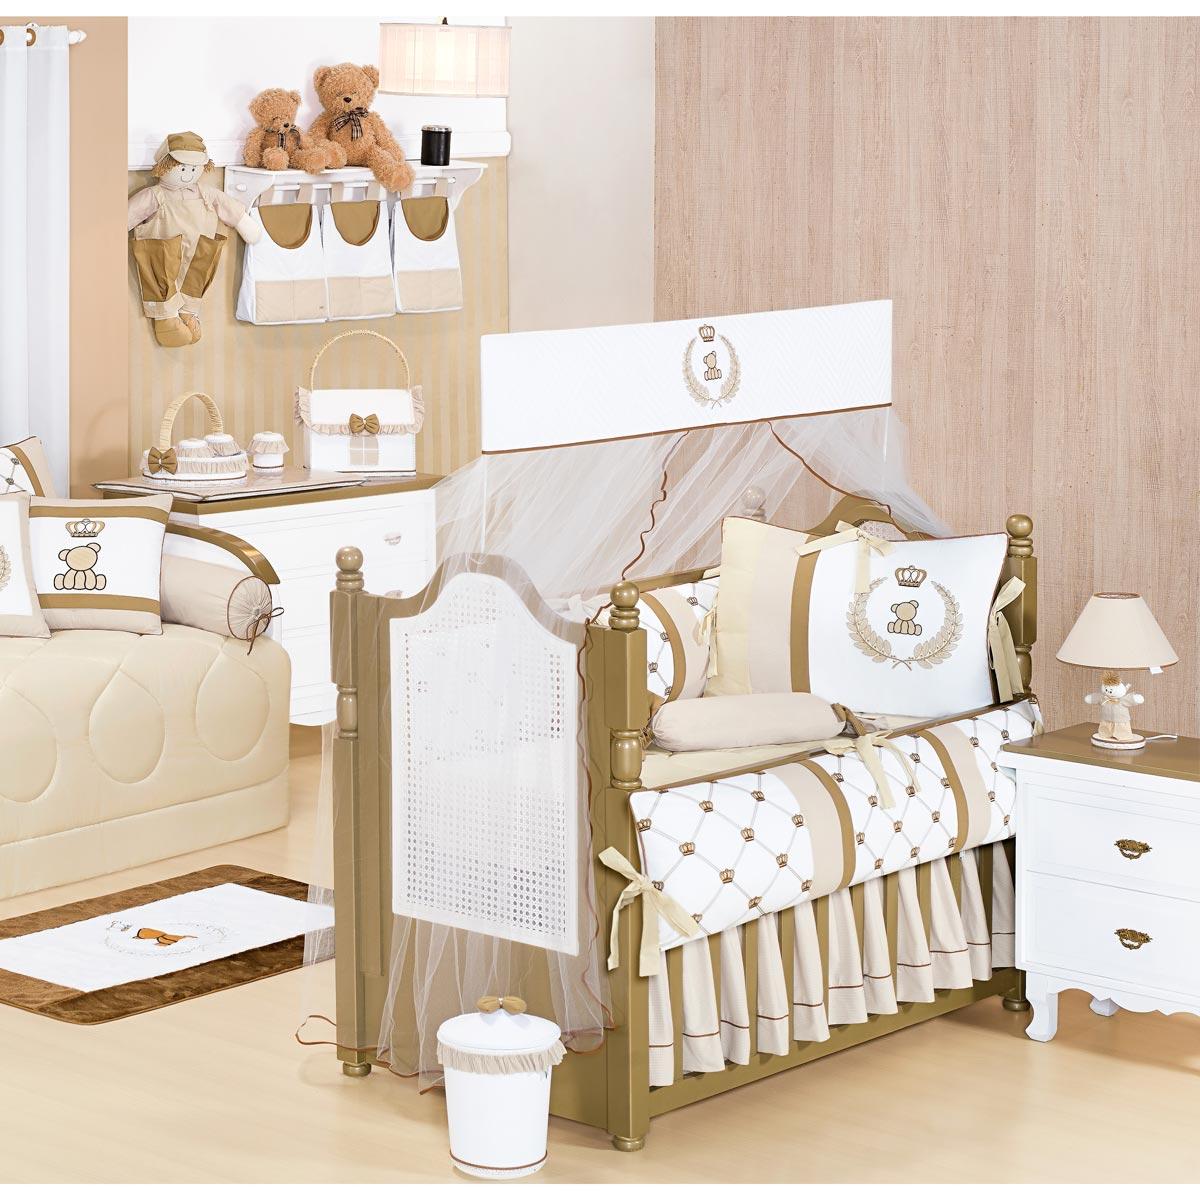 Coleção Completa para Quarto de Bebê Classic Palha - 25 Peças